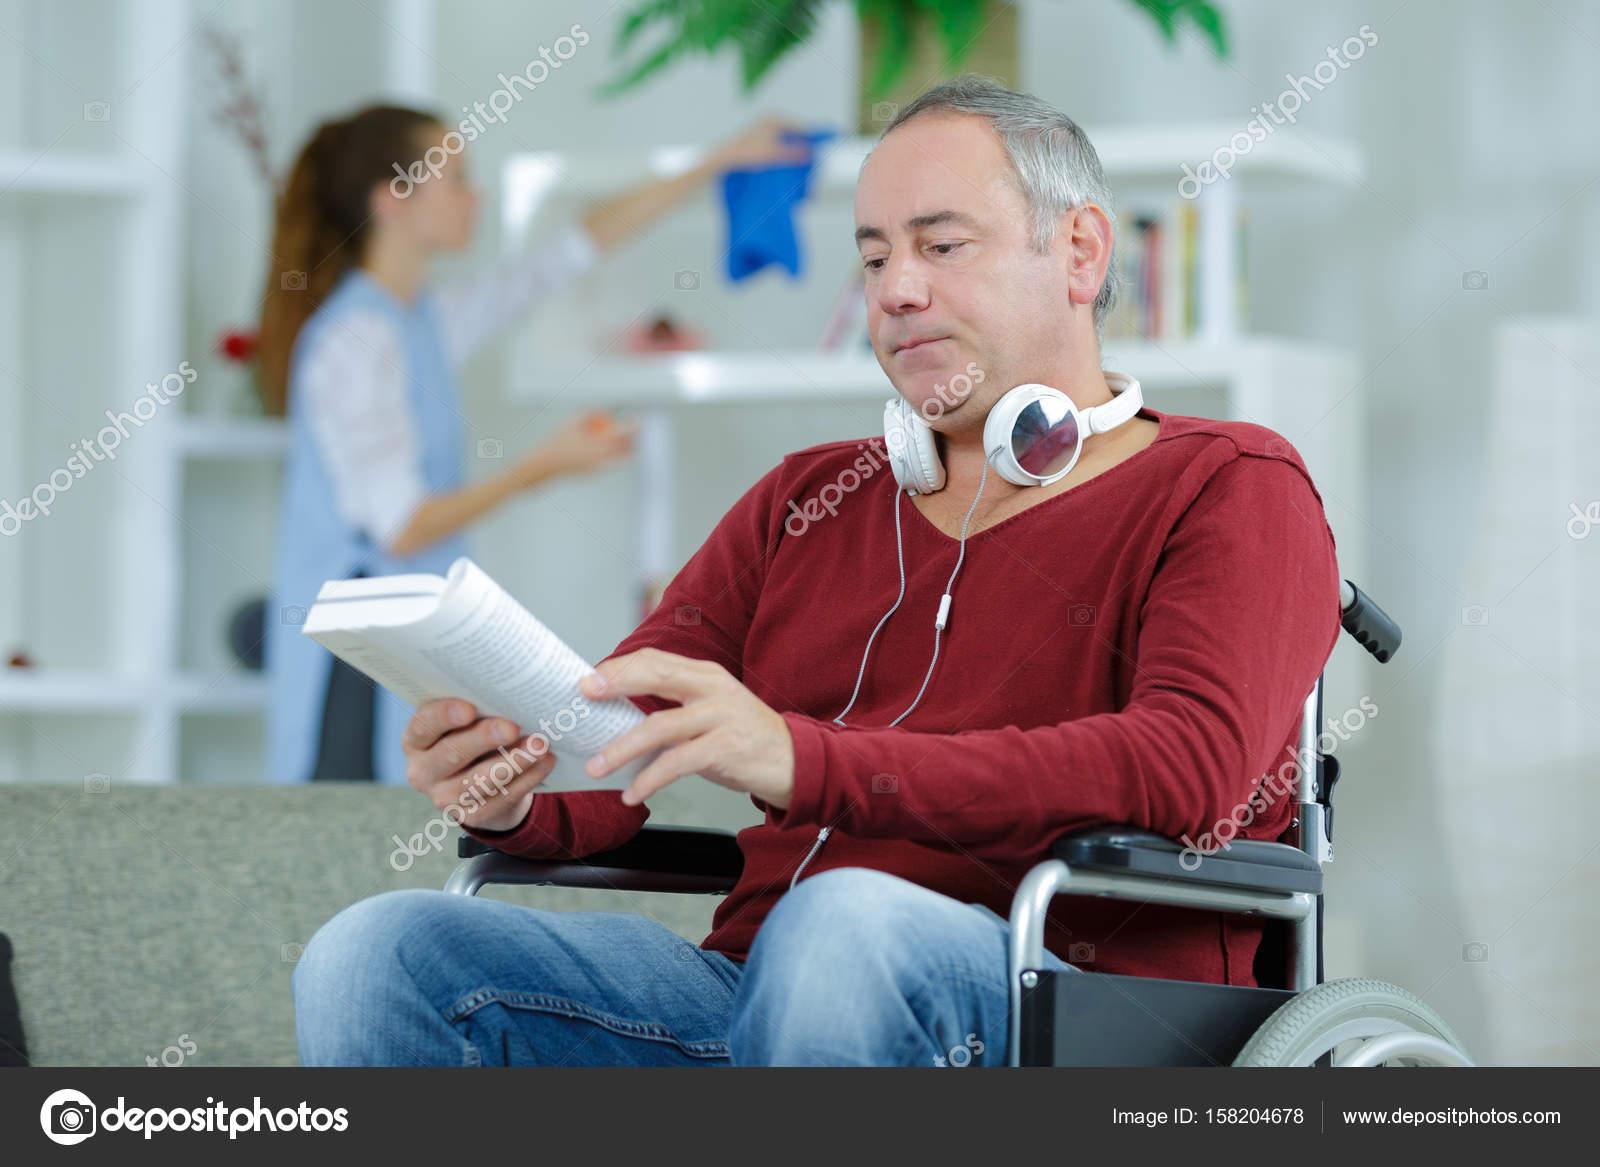 Sedie A Rotelle Leggere : Uomo in sedia a rotelle leggere libro u foto stock photography